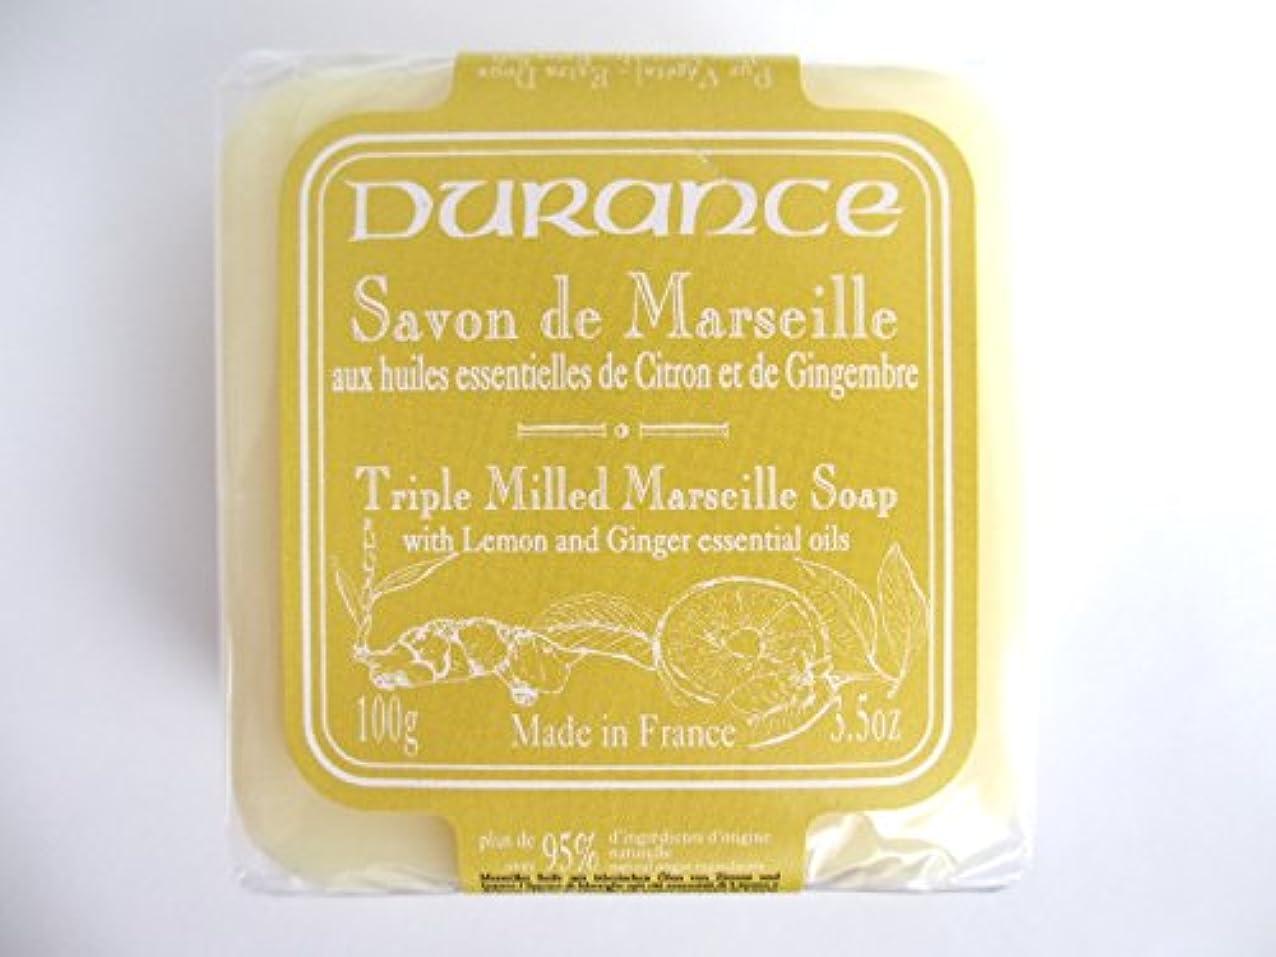 バルーンクラシカルアミューズメントデュランス 【マルセイユソープ】 レモンジンジャー 固形 100g 95%以上 天然成分 洗顔 全身